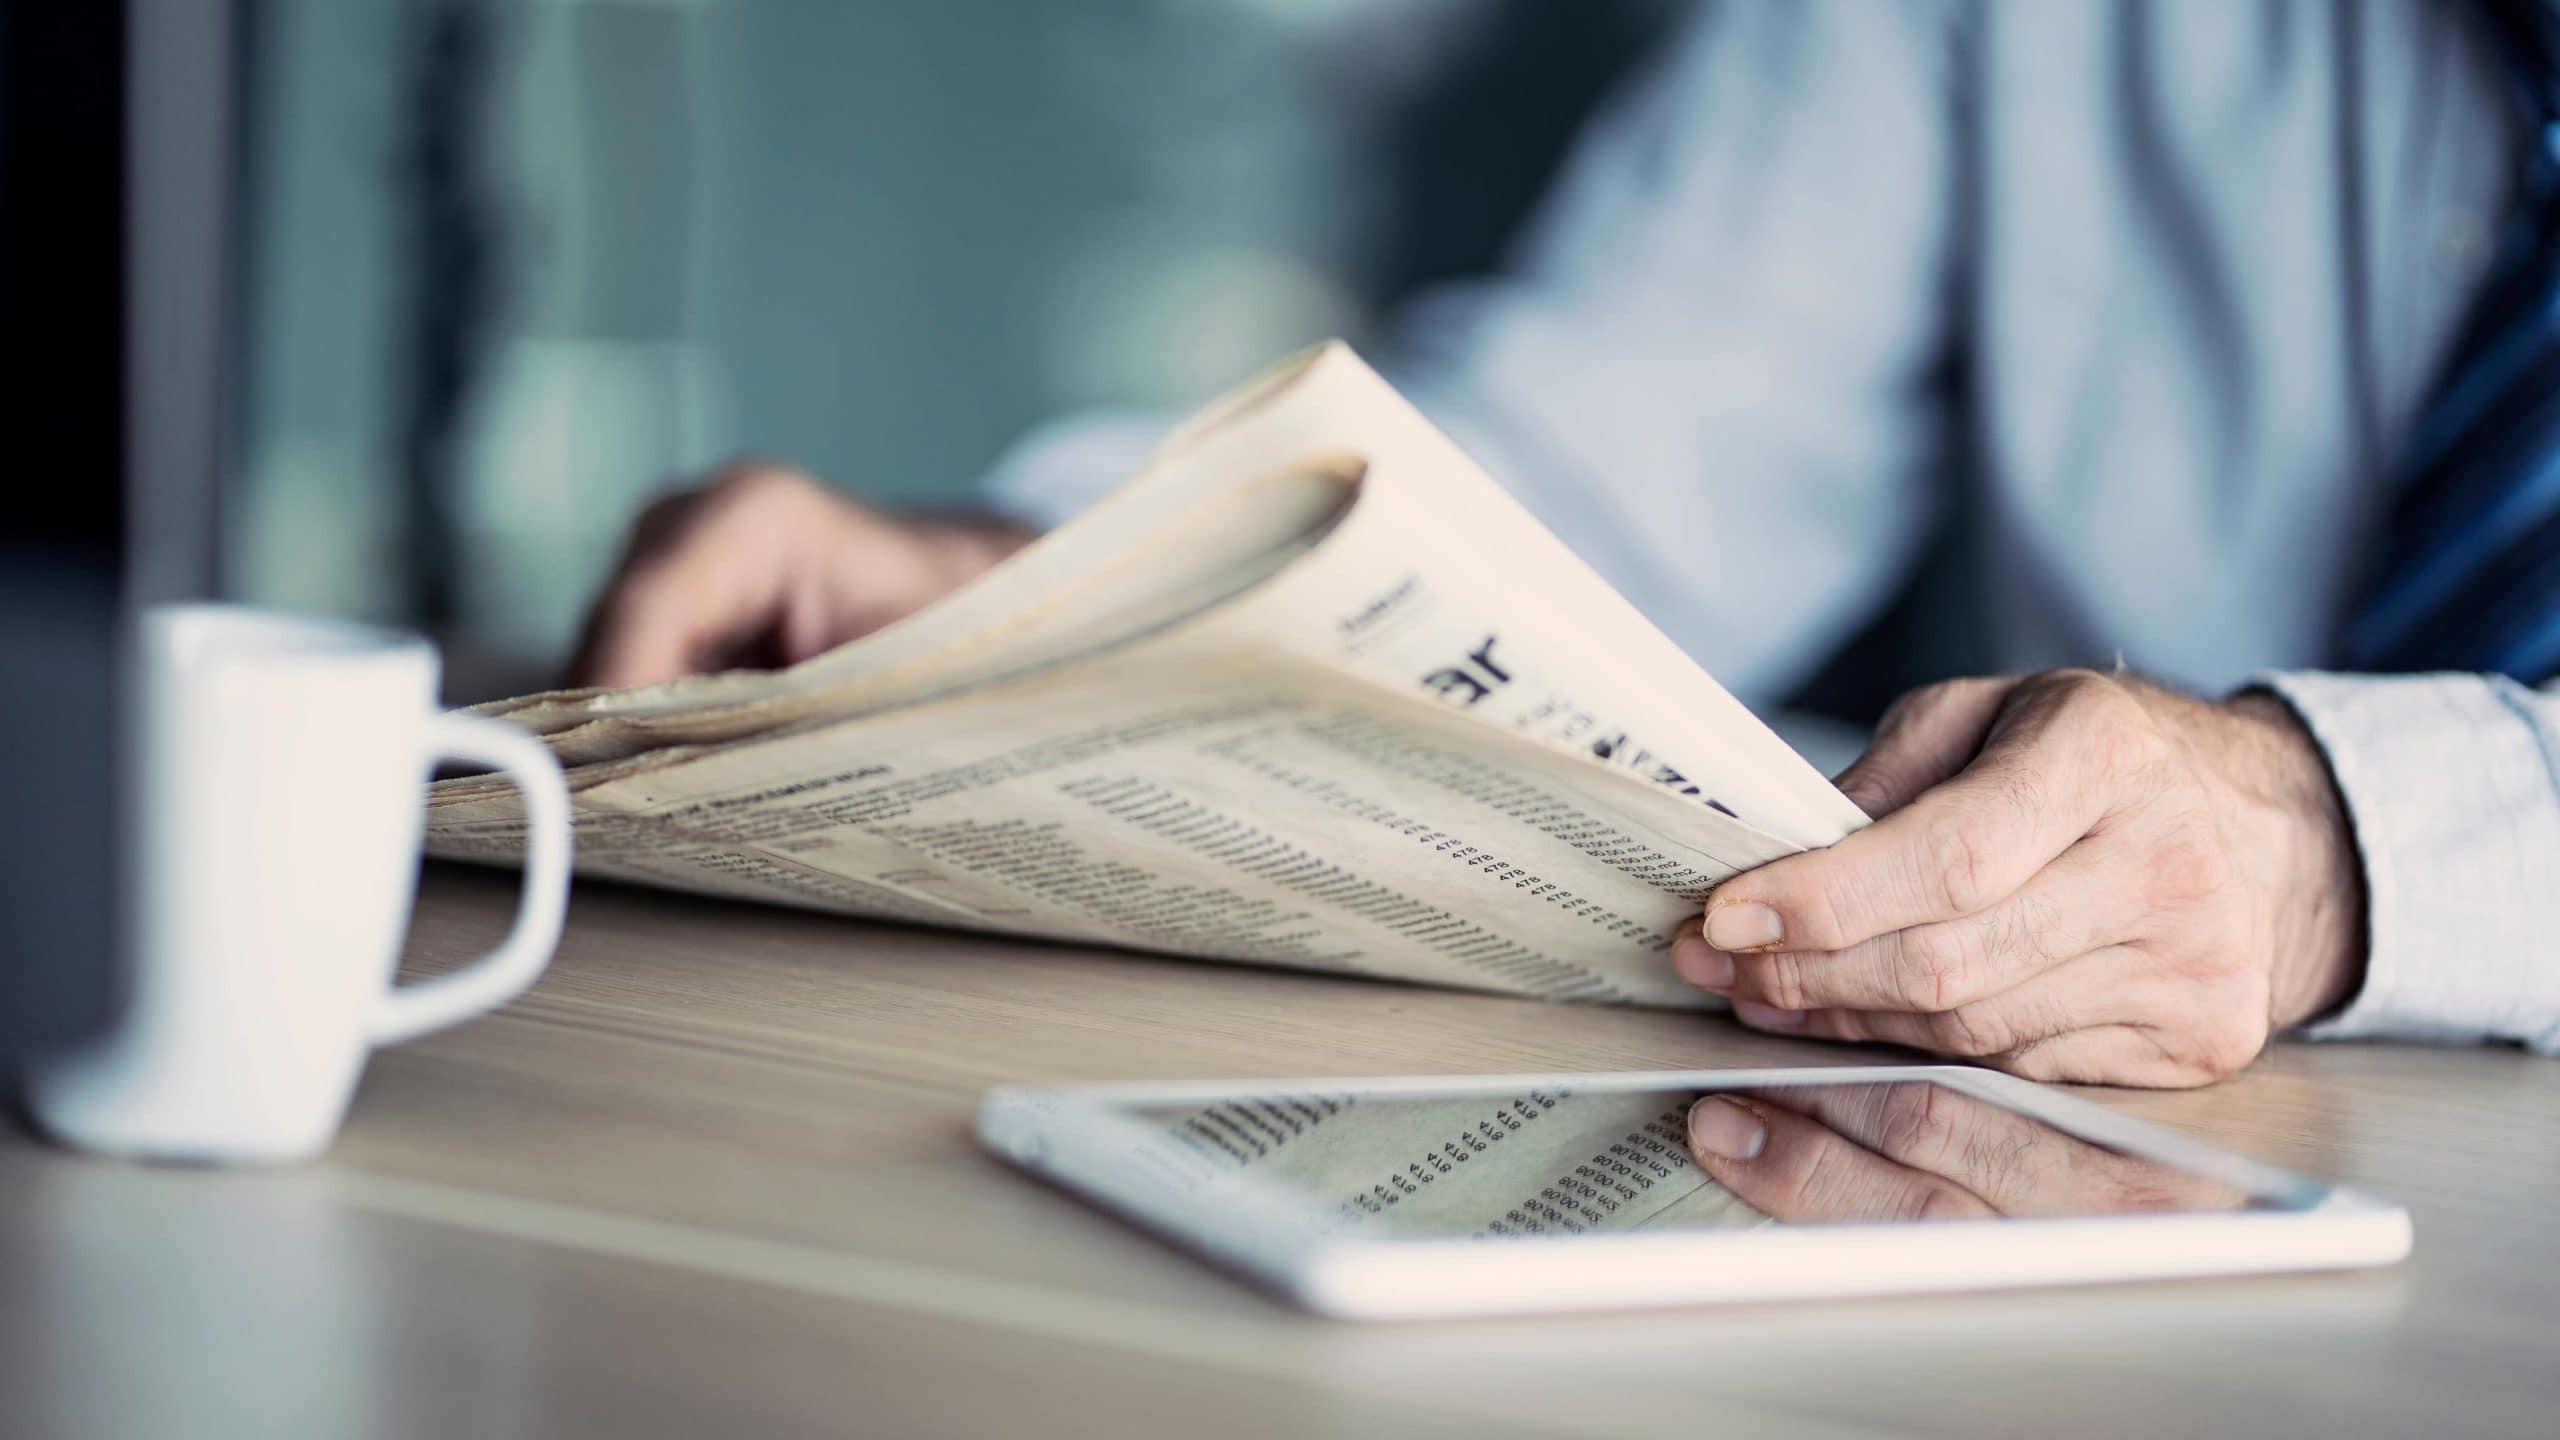 Geschägtsmann sitzt vor einem hölzernen Tisch, auf dem eine weiße Tasse steht und ein Tablet liegt und ließt Zeitung